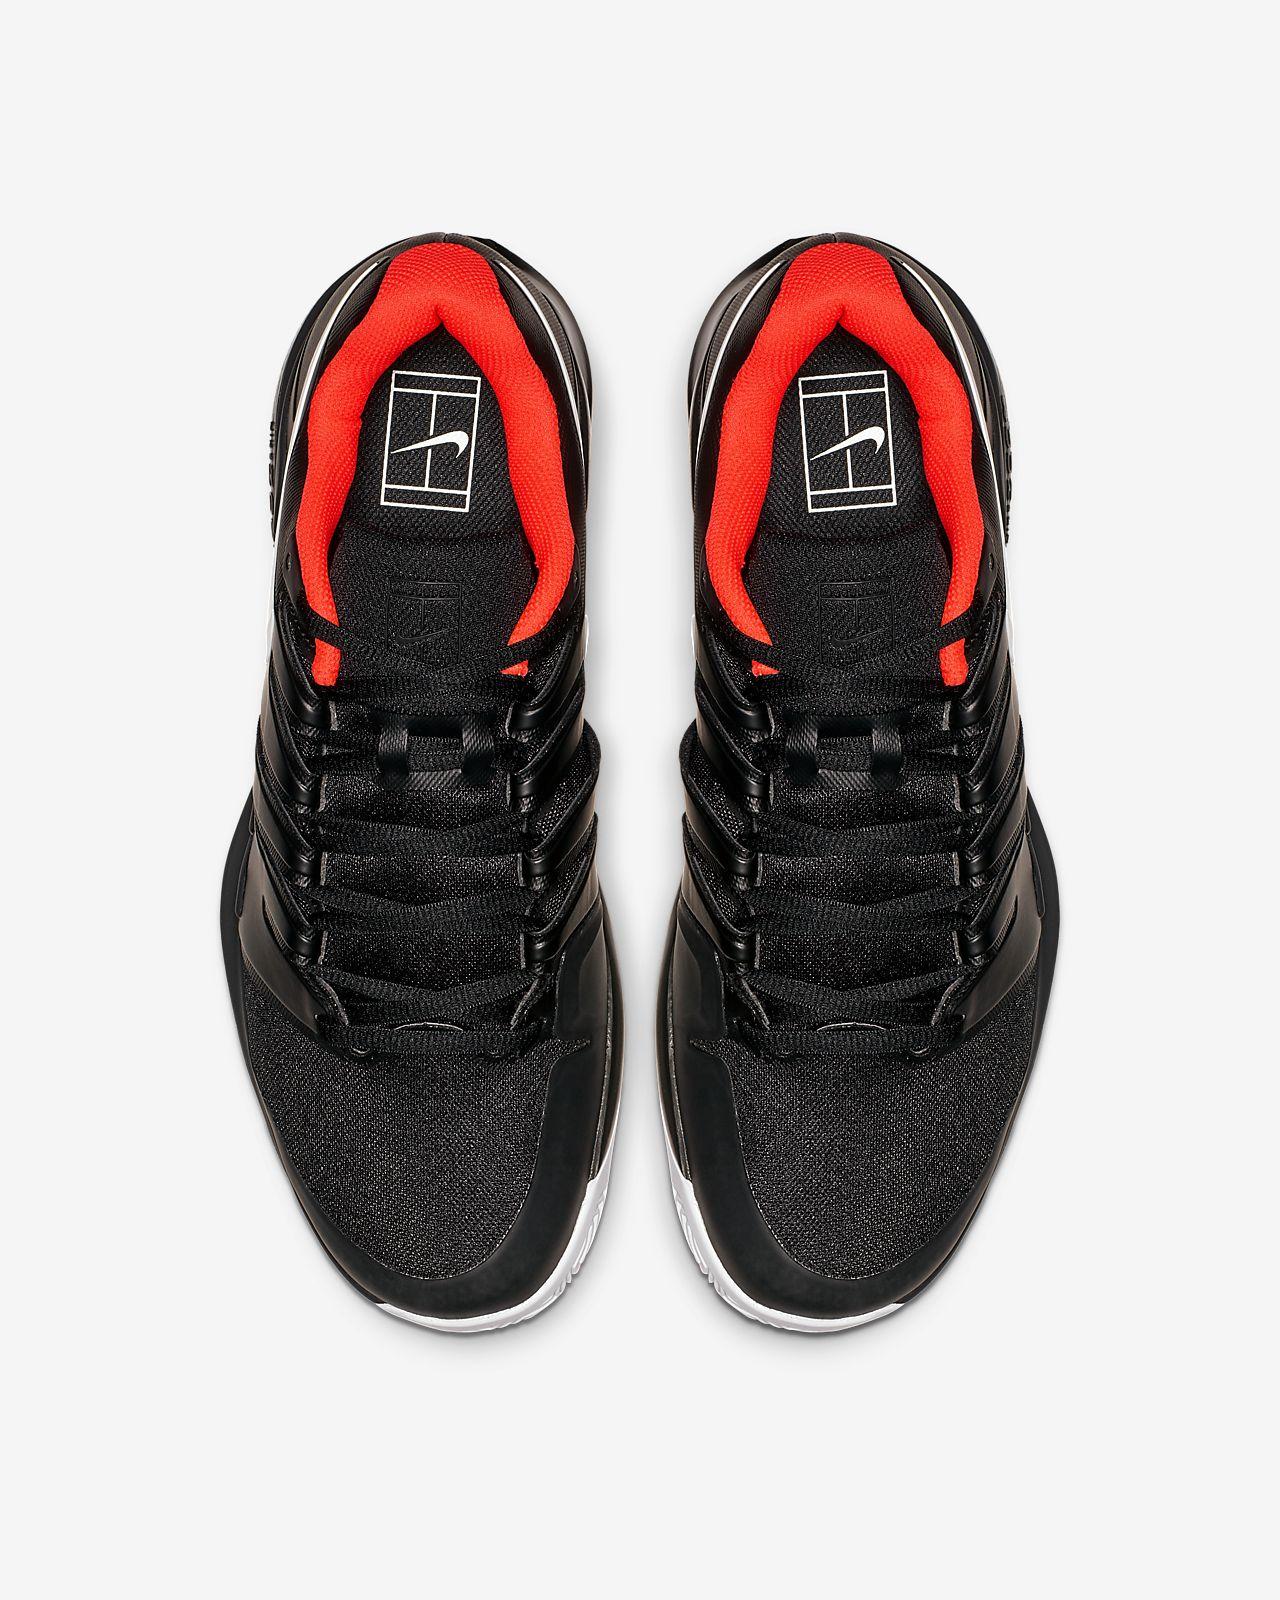 e7d67a0705cf Nike Air Zoom Vapor X Clay Tennisschoen voor heren. Nike.com NL